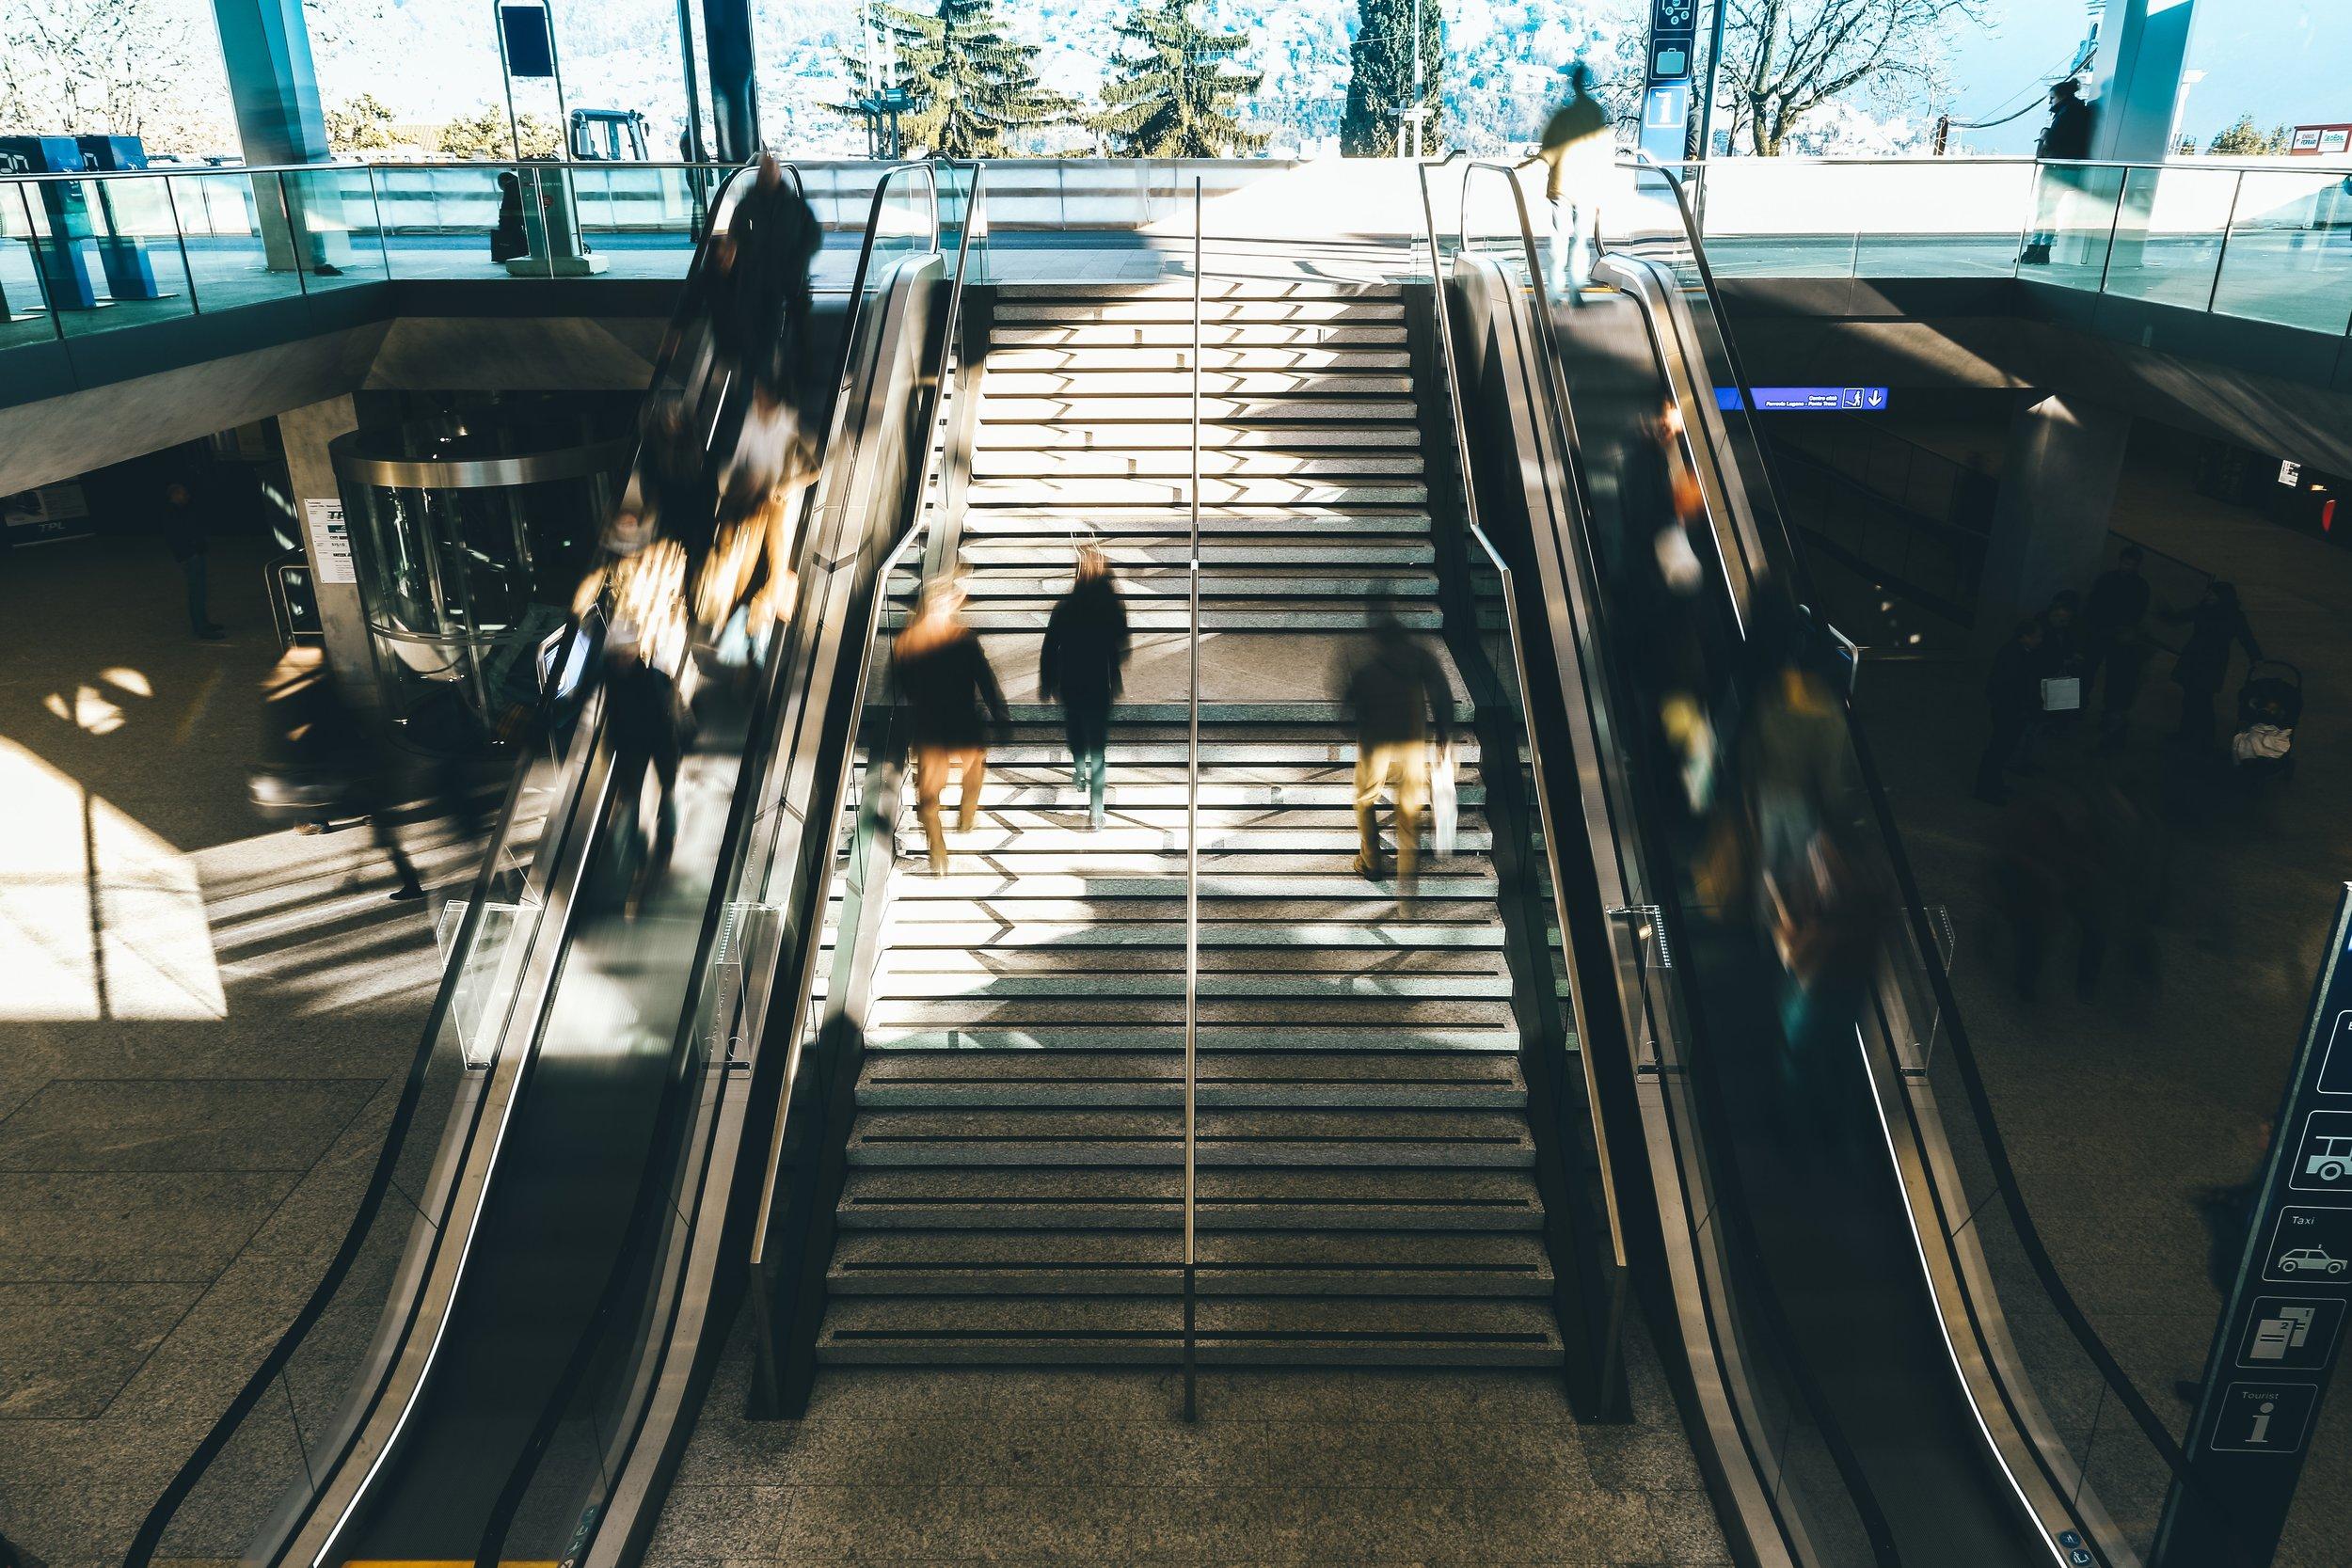 airport-architecture-blur-1040494.jpg